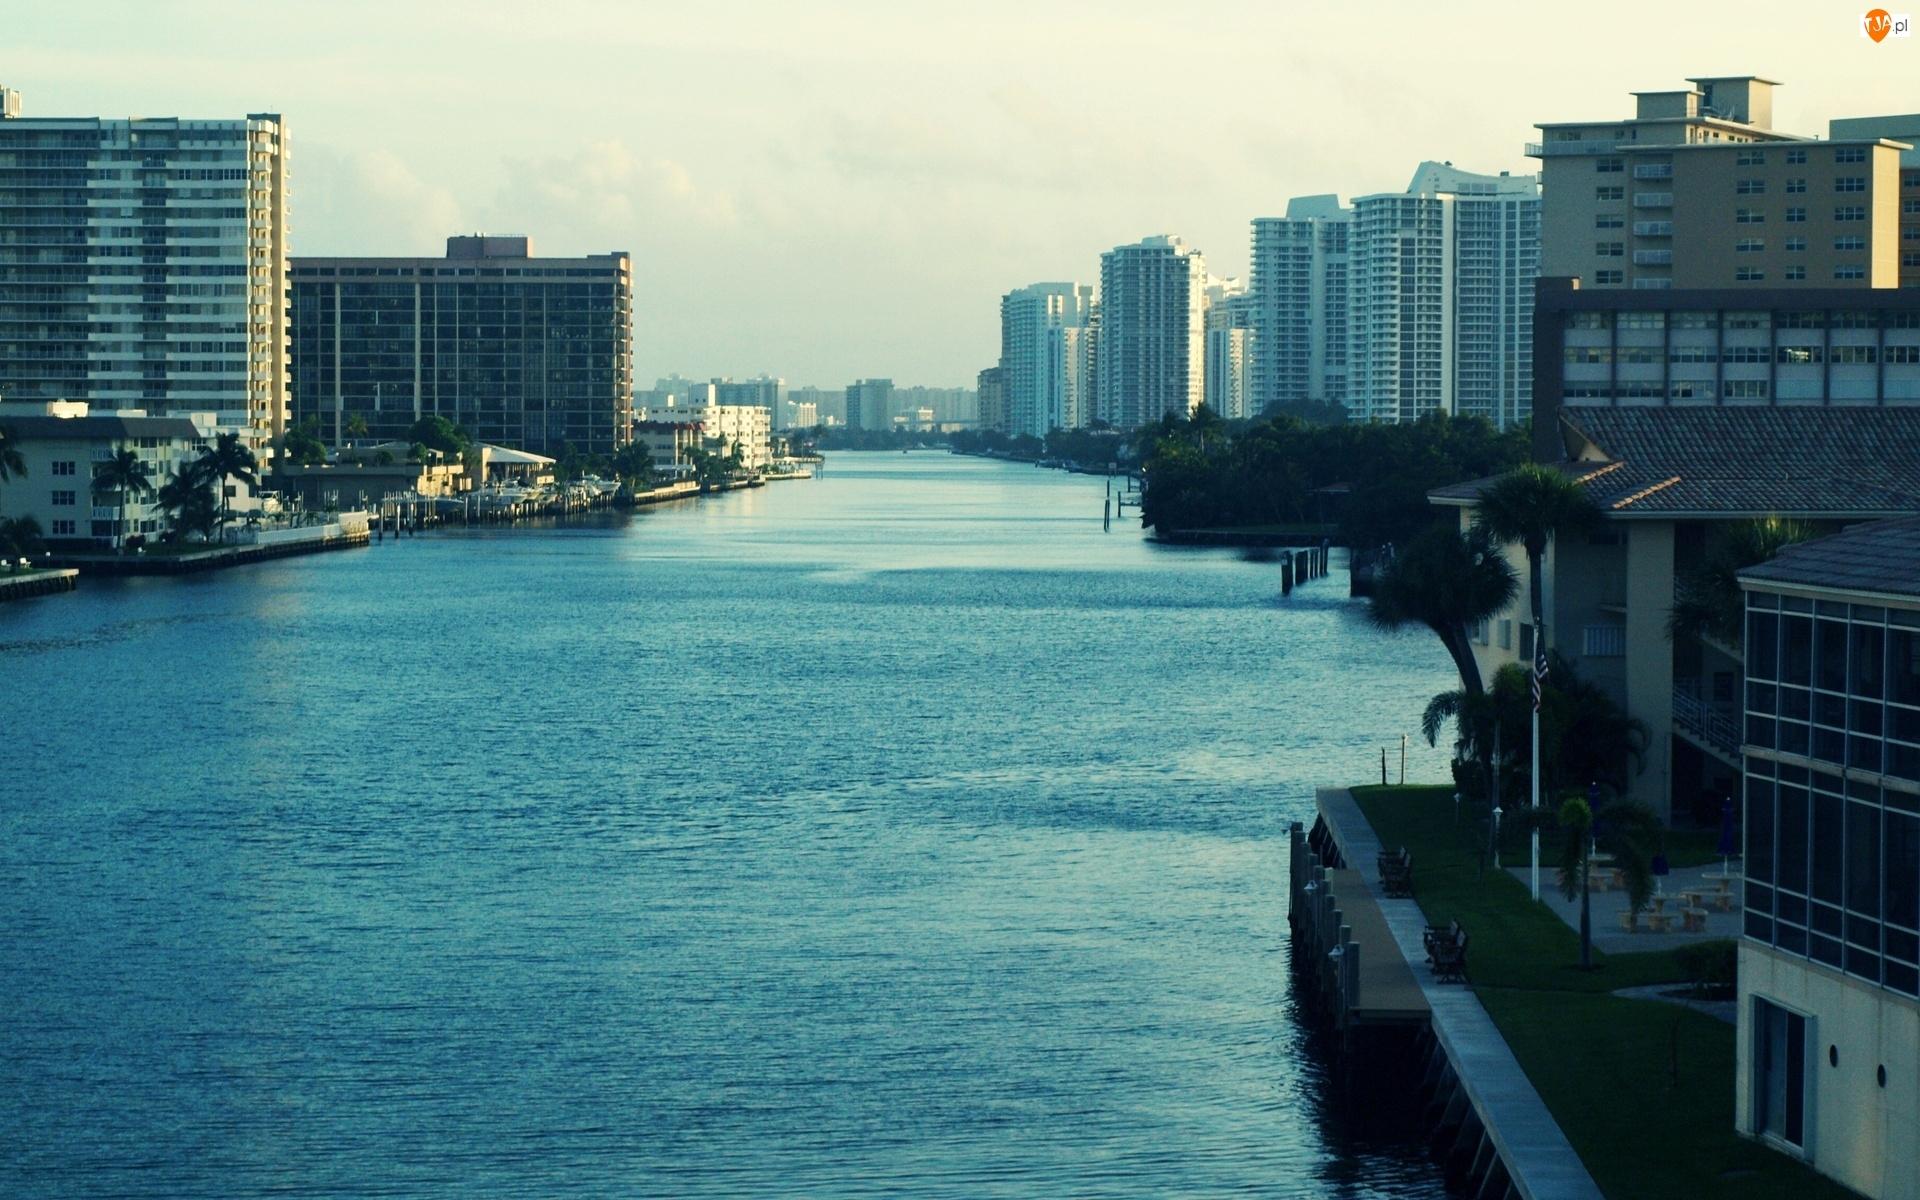 Floryda, Rzeka, Drzewa, Wieżowce, Miami